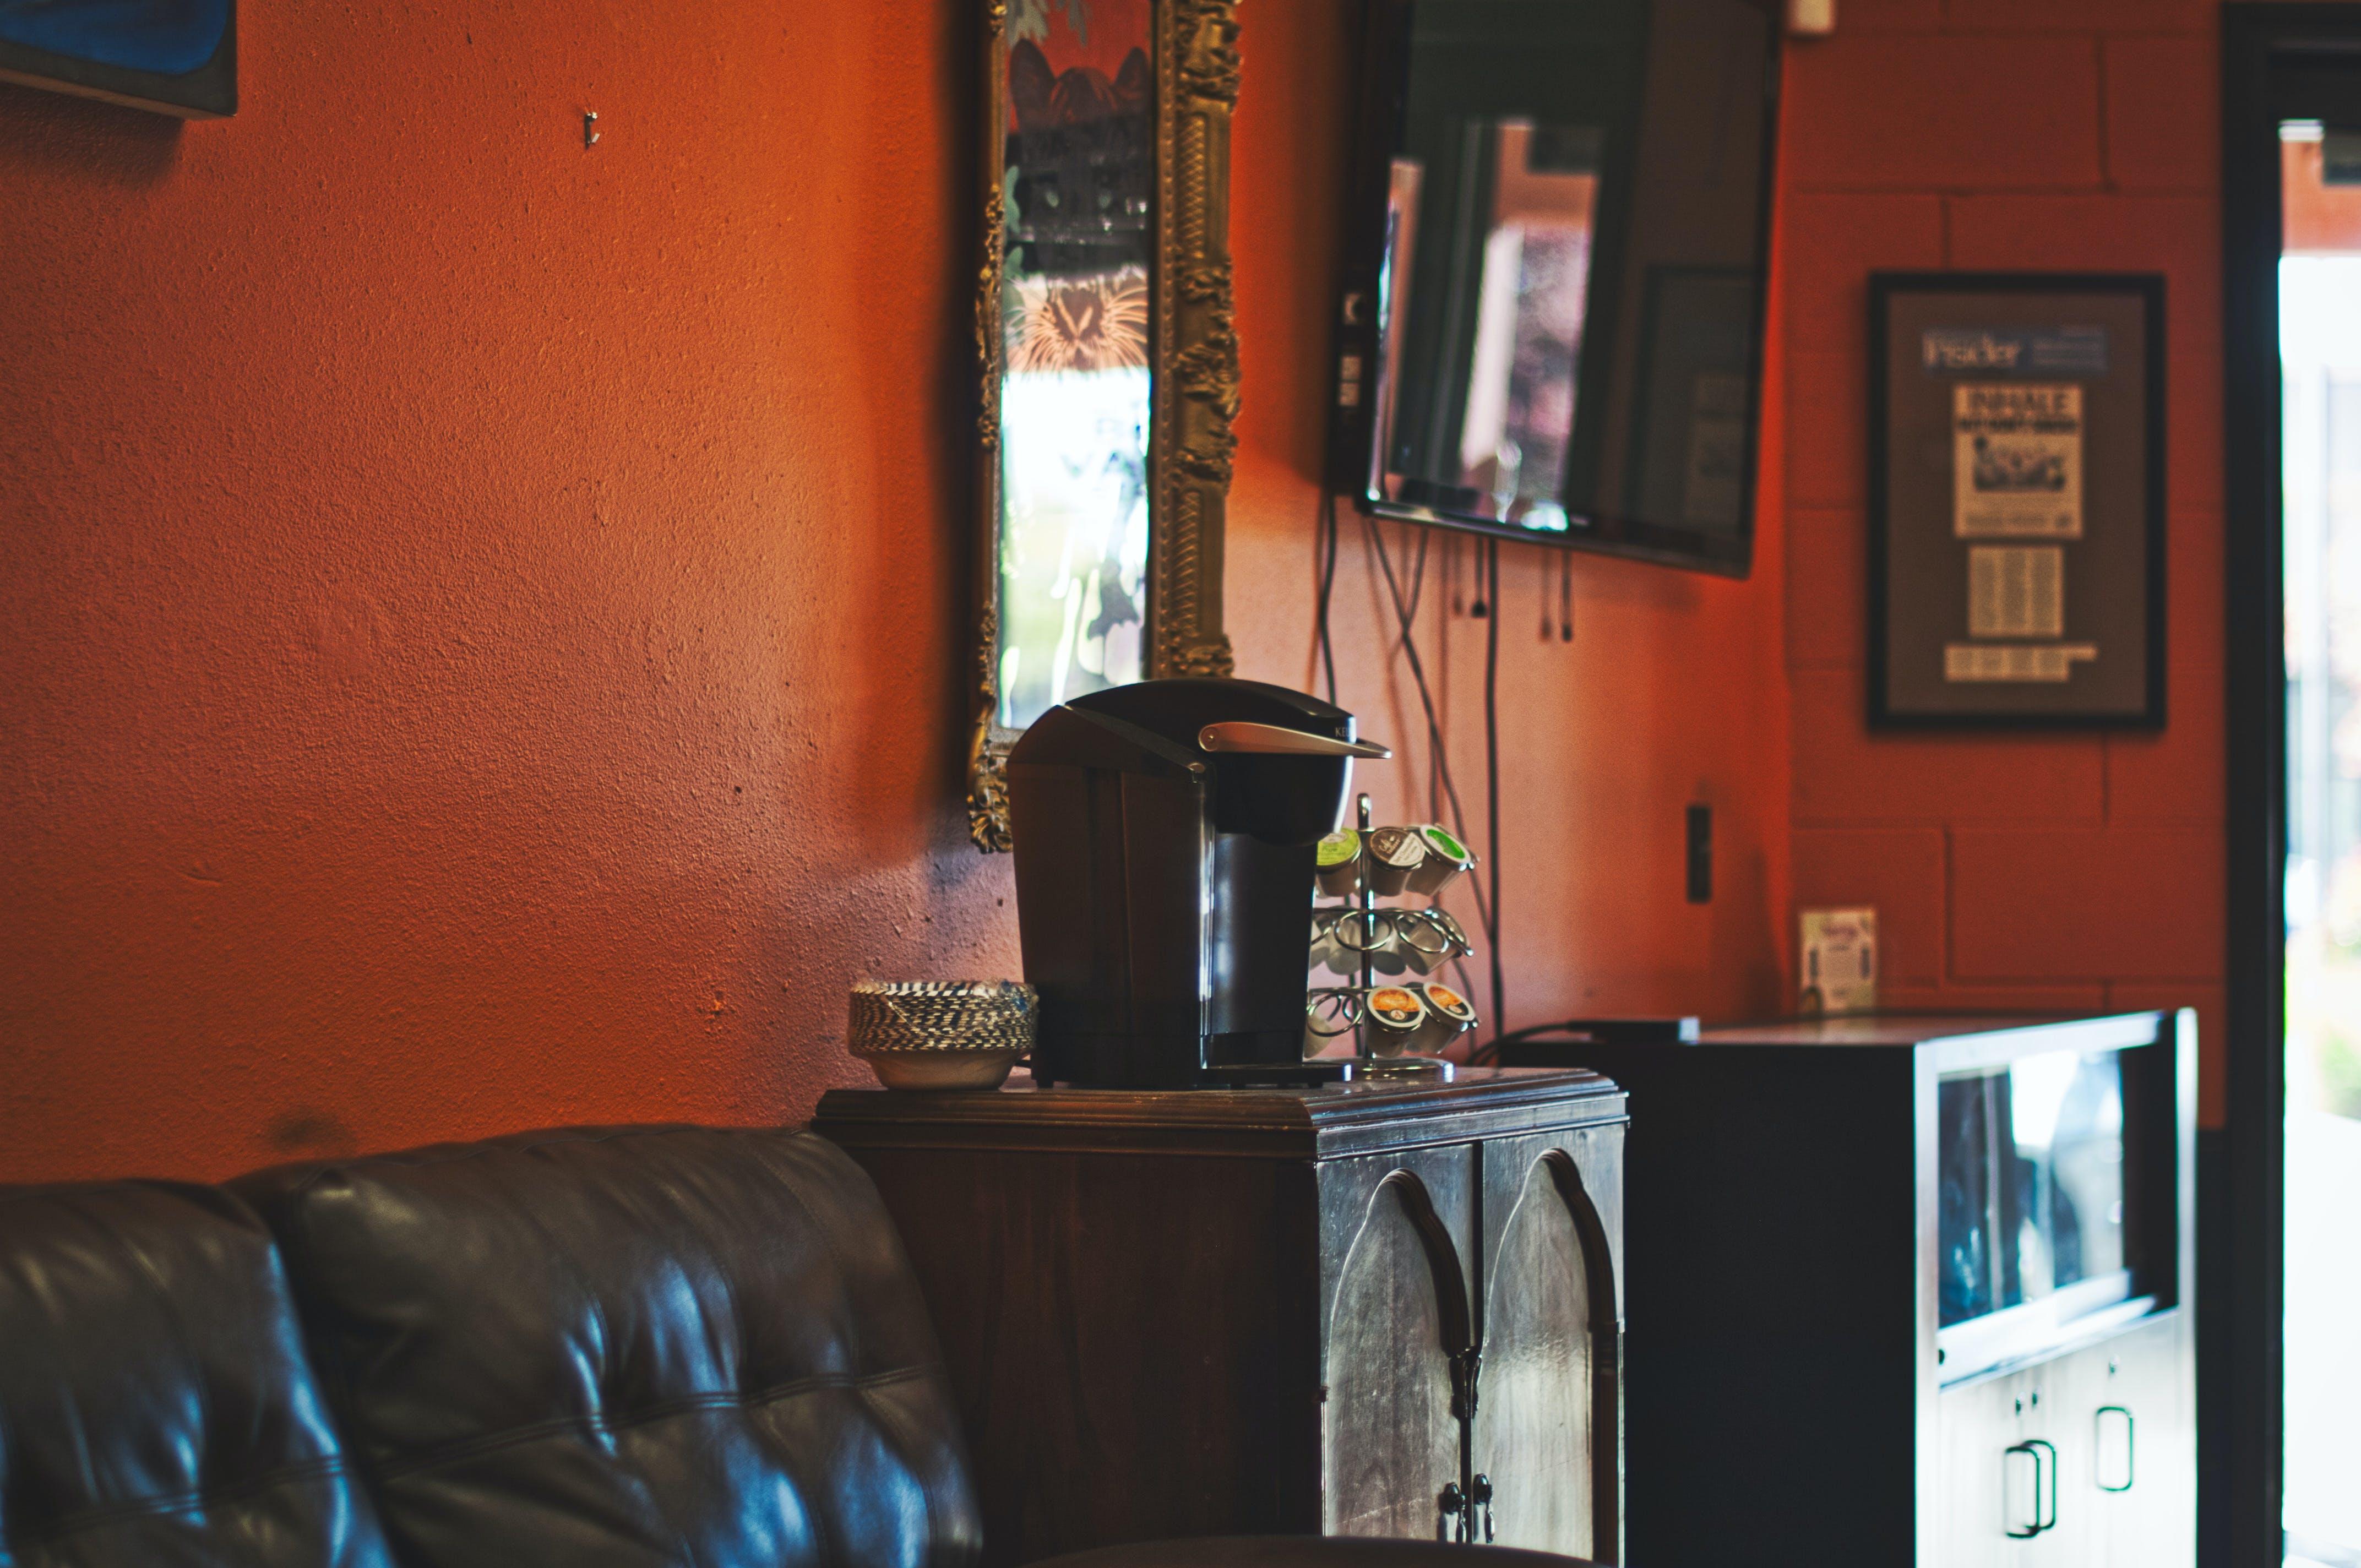 アンティーク, コーヒー, ショップ, ビジネスの無料の写真素材